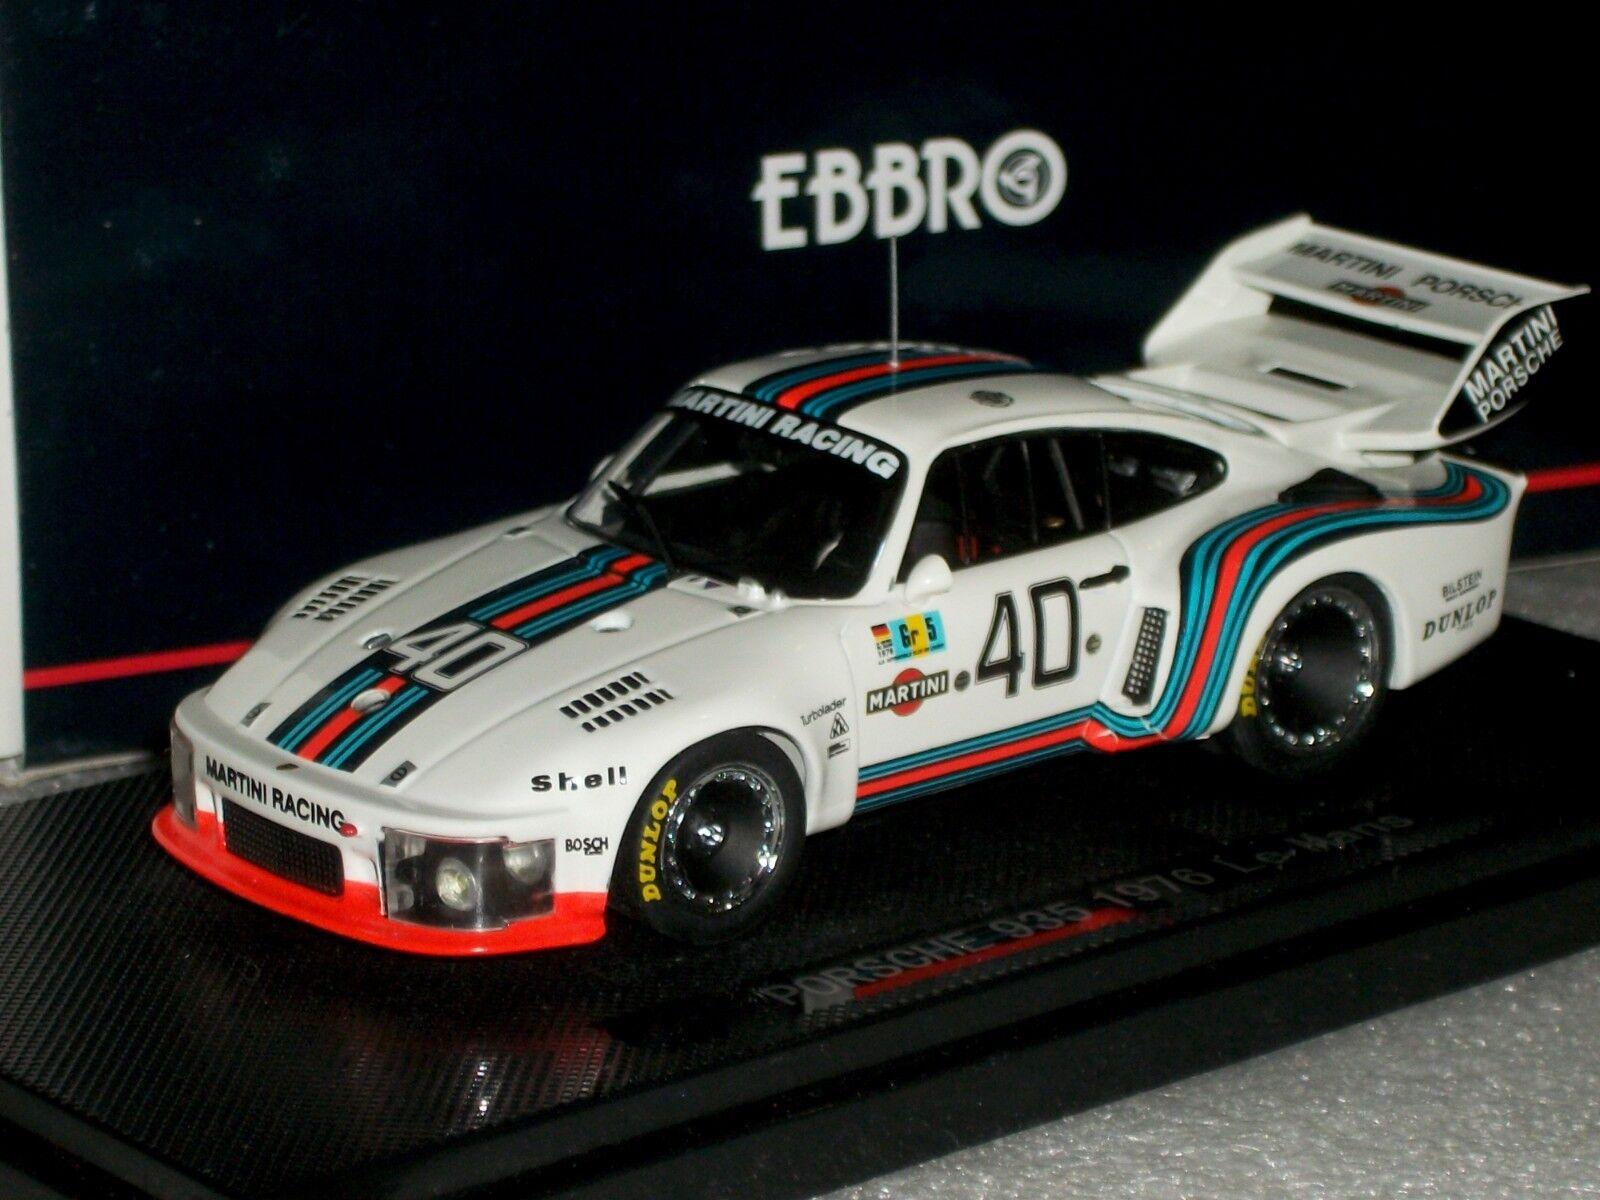 suministramos lo mejor Porsche 935 Martini  40 Le Mans 1976 1976 1976 Ebbro 43768 1 43  Tu satisfacción es nuestro objetivo